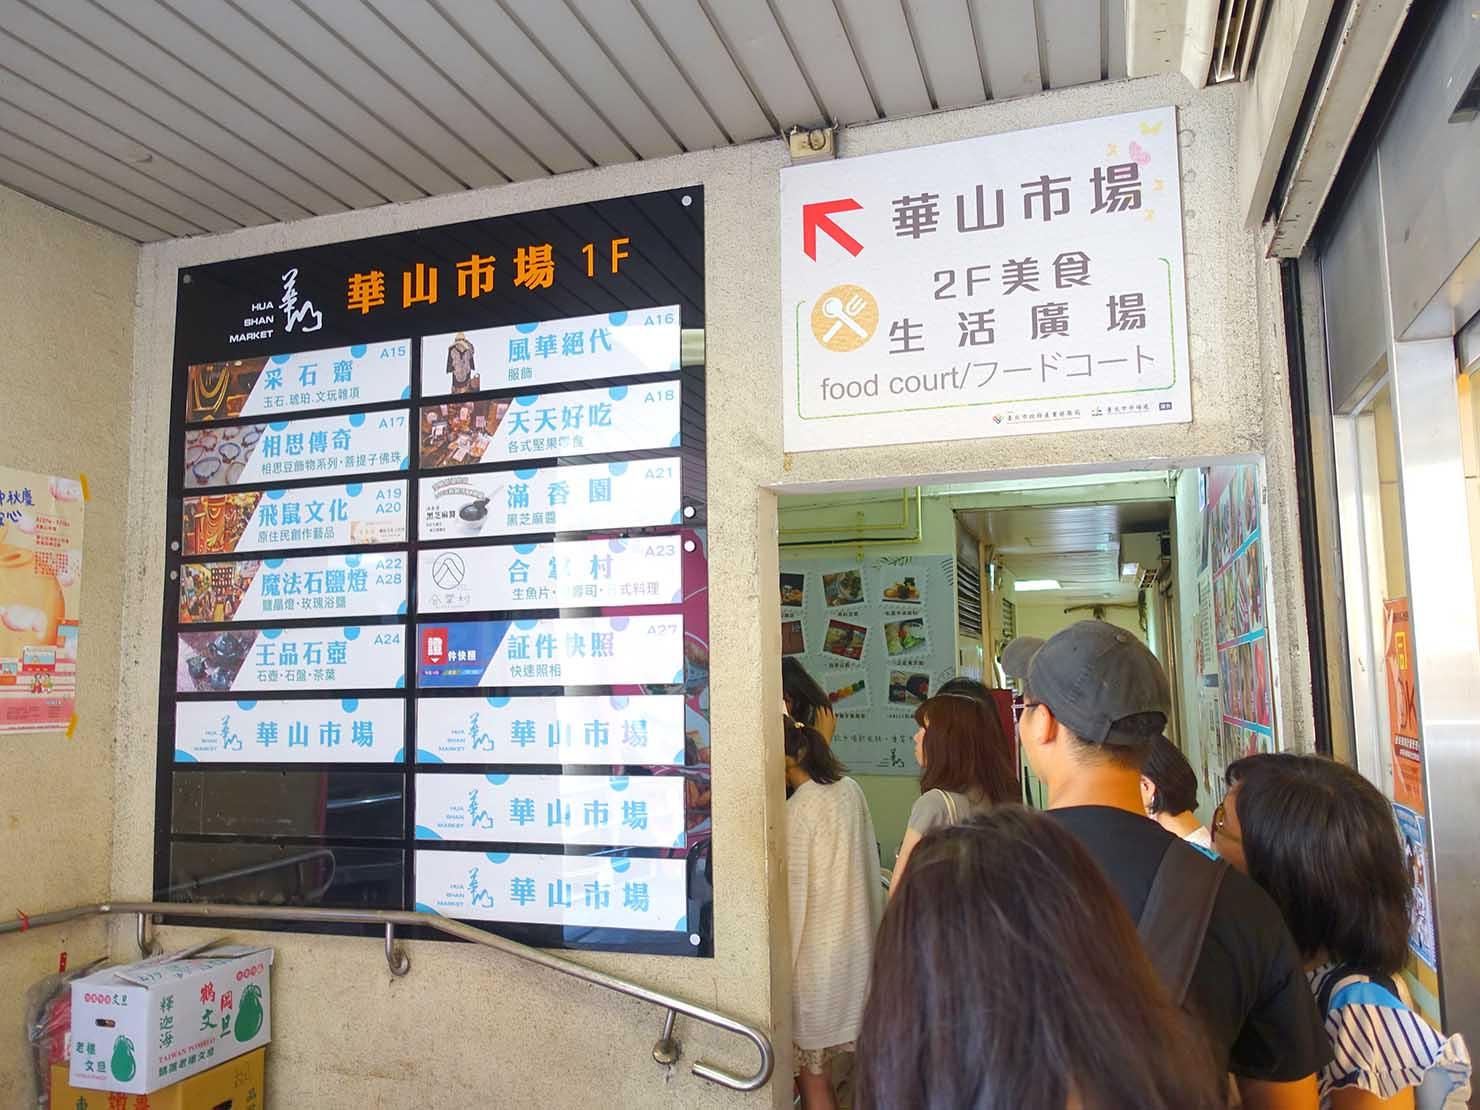 台北・善導寺のおすすめグルメ店「阜杭豆漿」への入り口